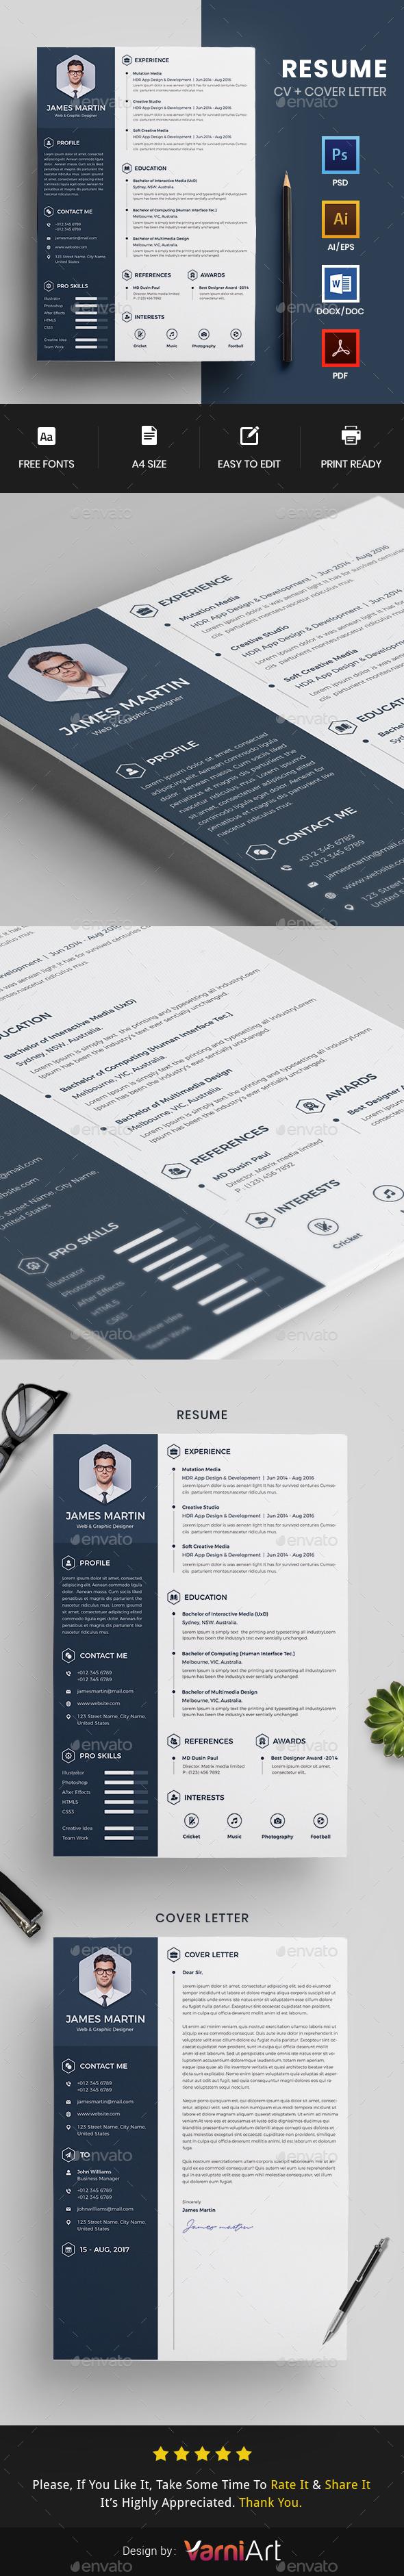 GraphicRiver Resume CV 20875943